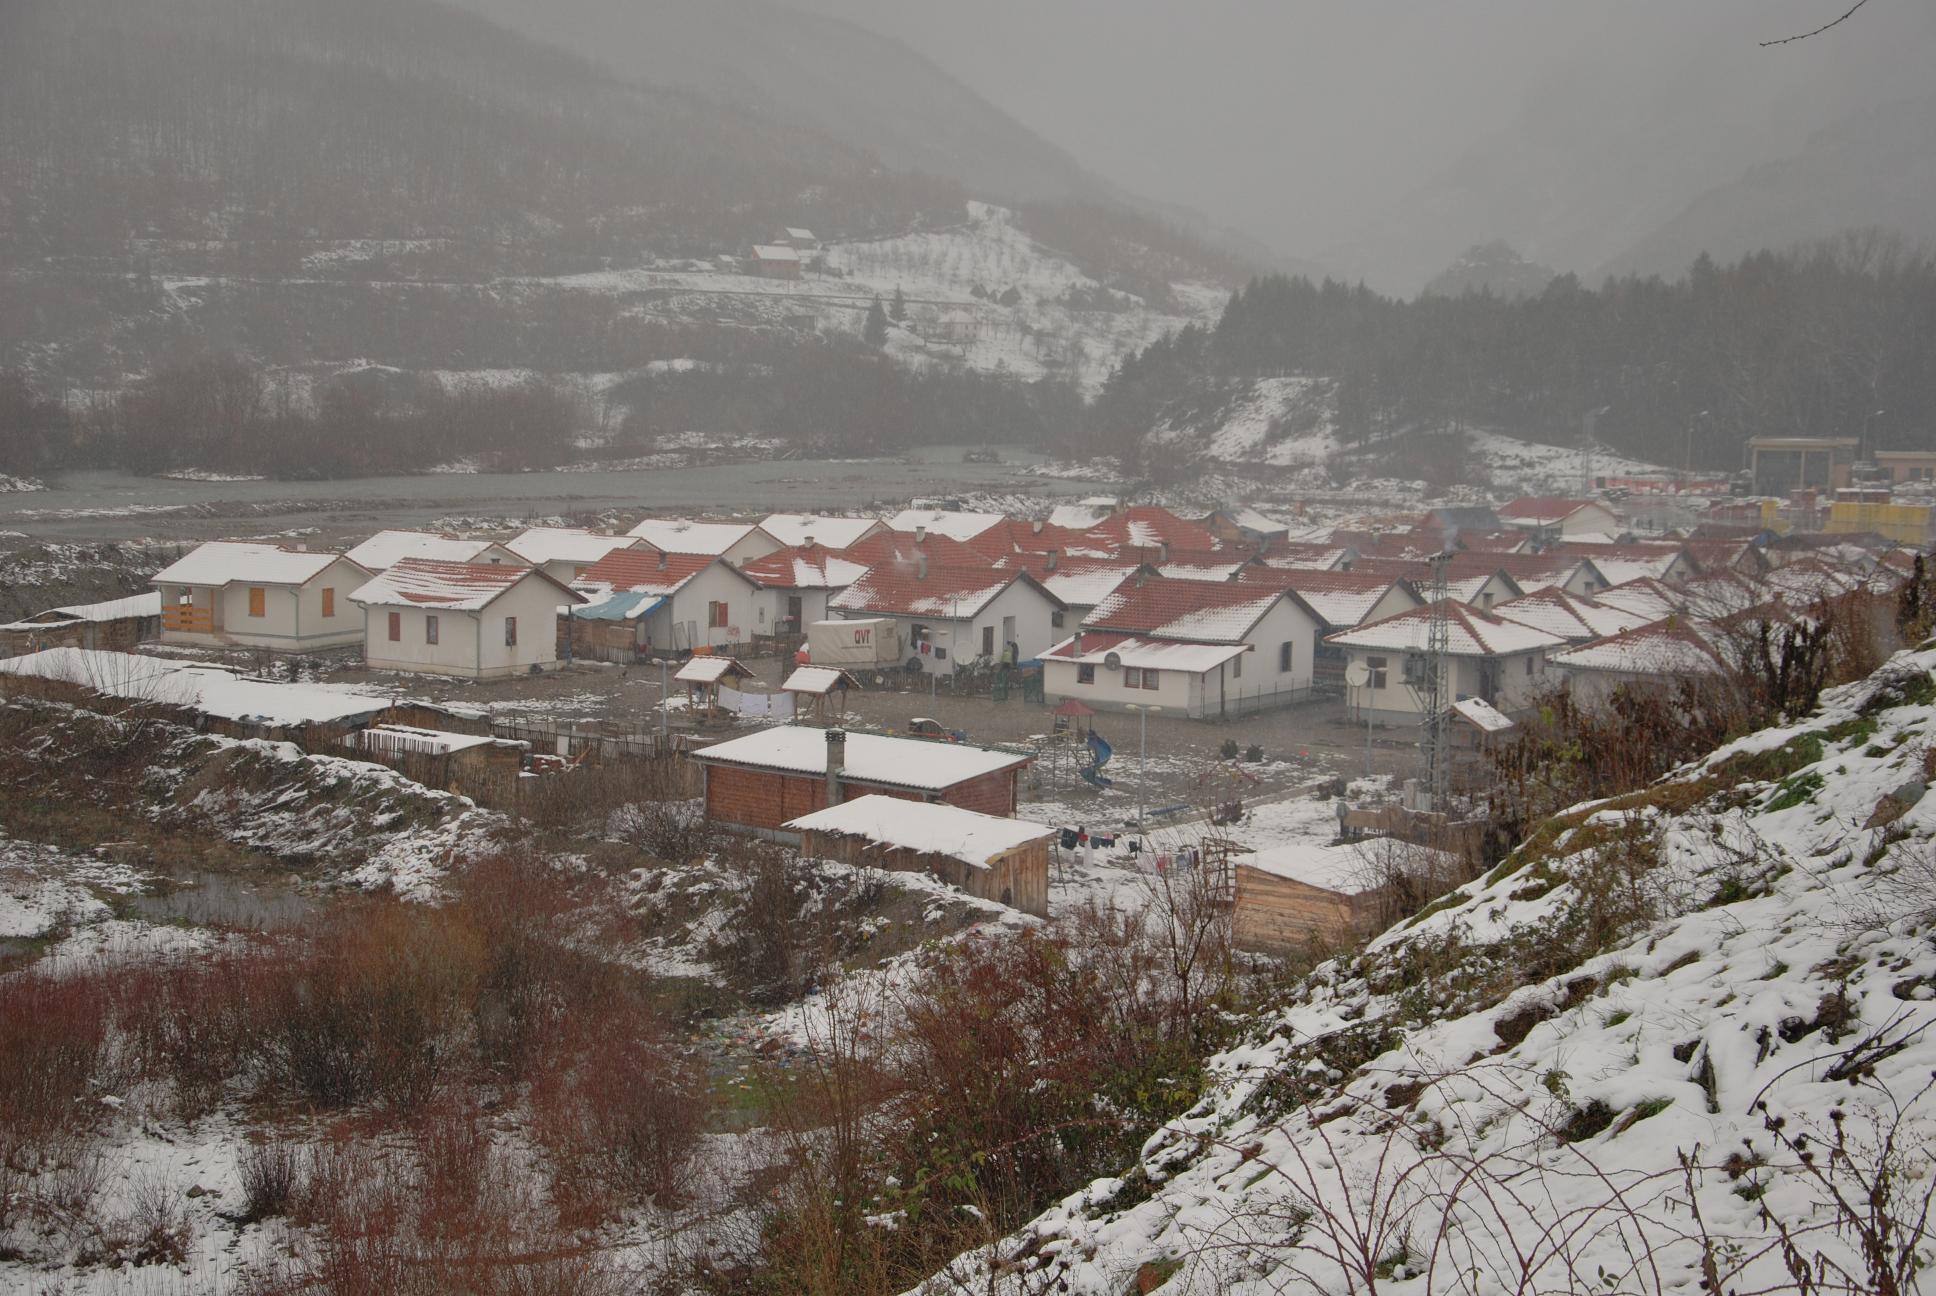 Naselje Riversajd